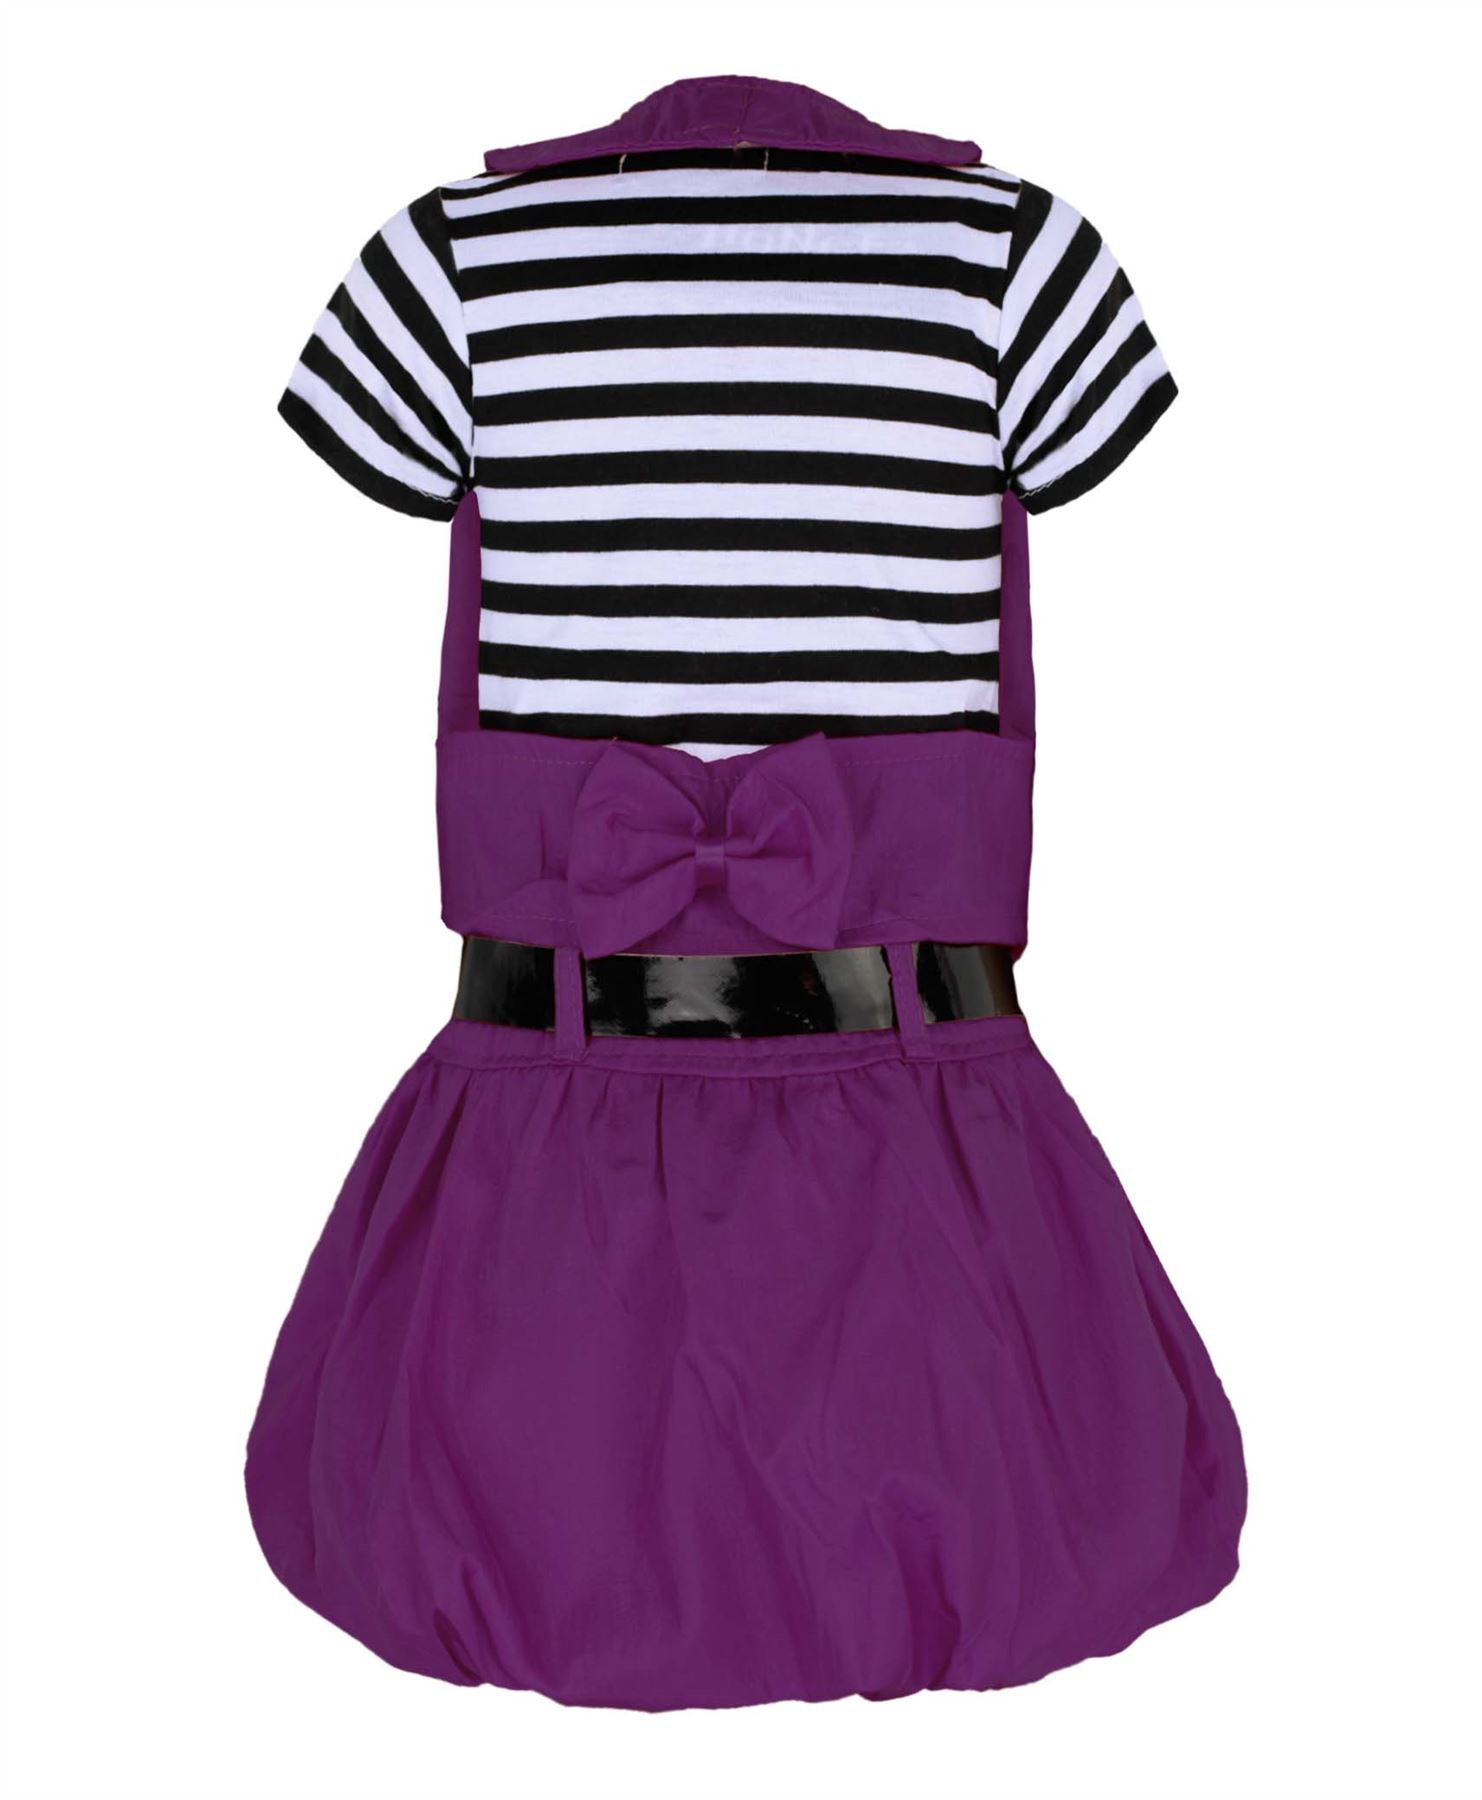 ragazze-con-cintura-abito-a-maniche-corte-strass-Bambino-Design-amp-Gilet-Set-3-12